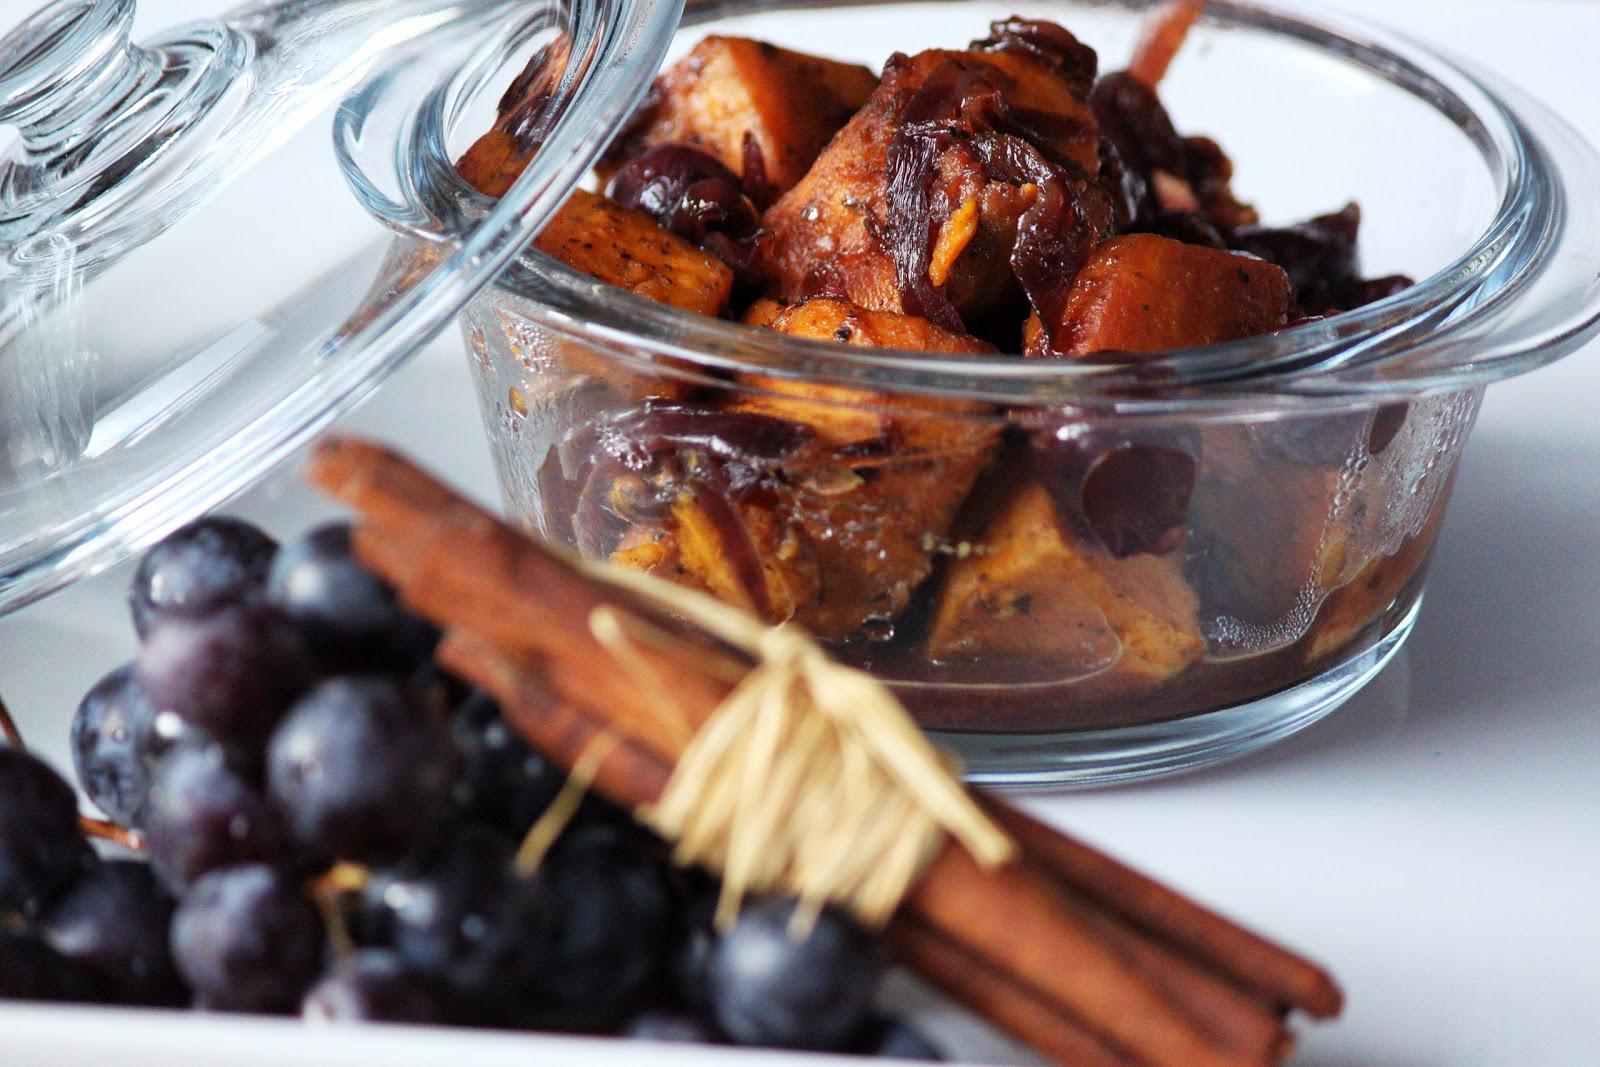 tajine de patates douces et raisins noirs sof vous invite. Black Bedroom Furniture Sets. Home Design Ideas